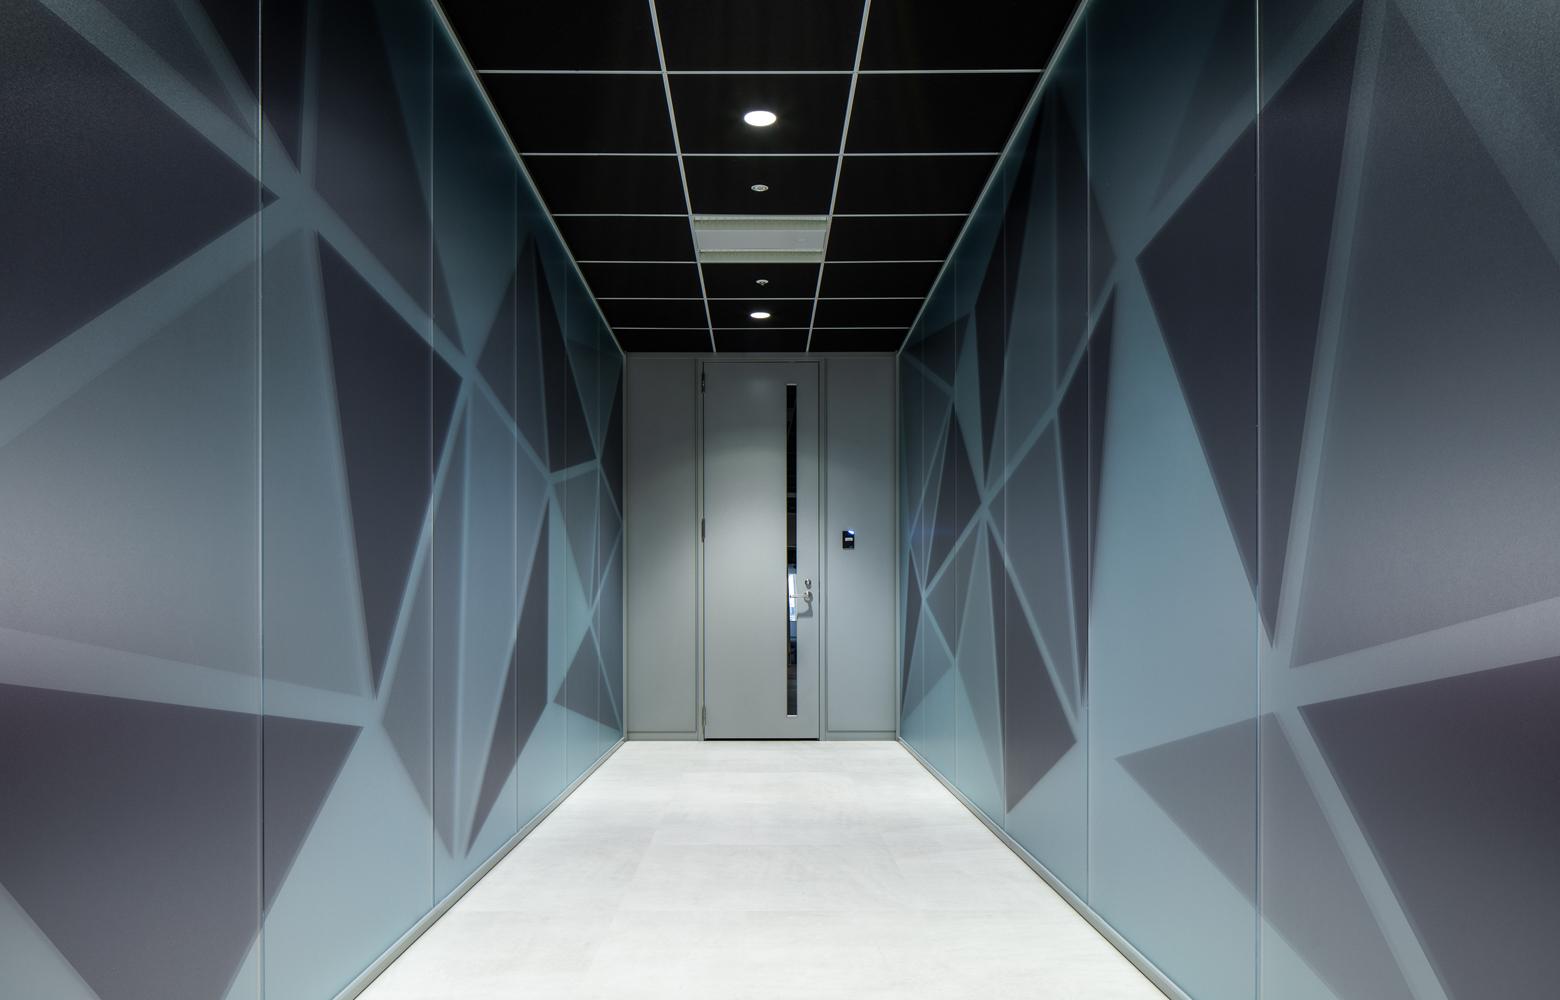 株式会社ビーネックスグループ Corridor デザイン・レイアウト事例